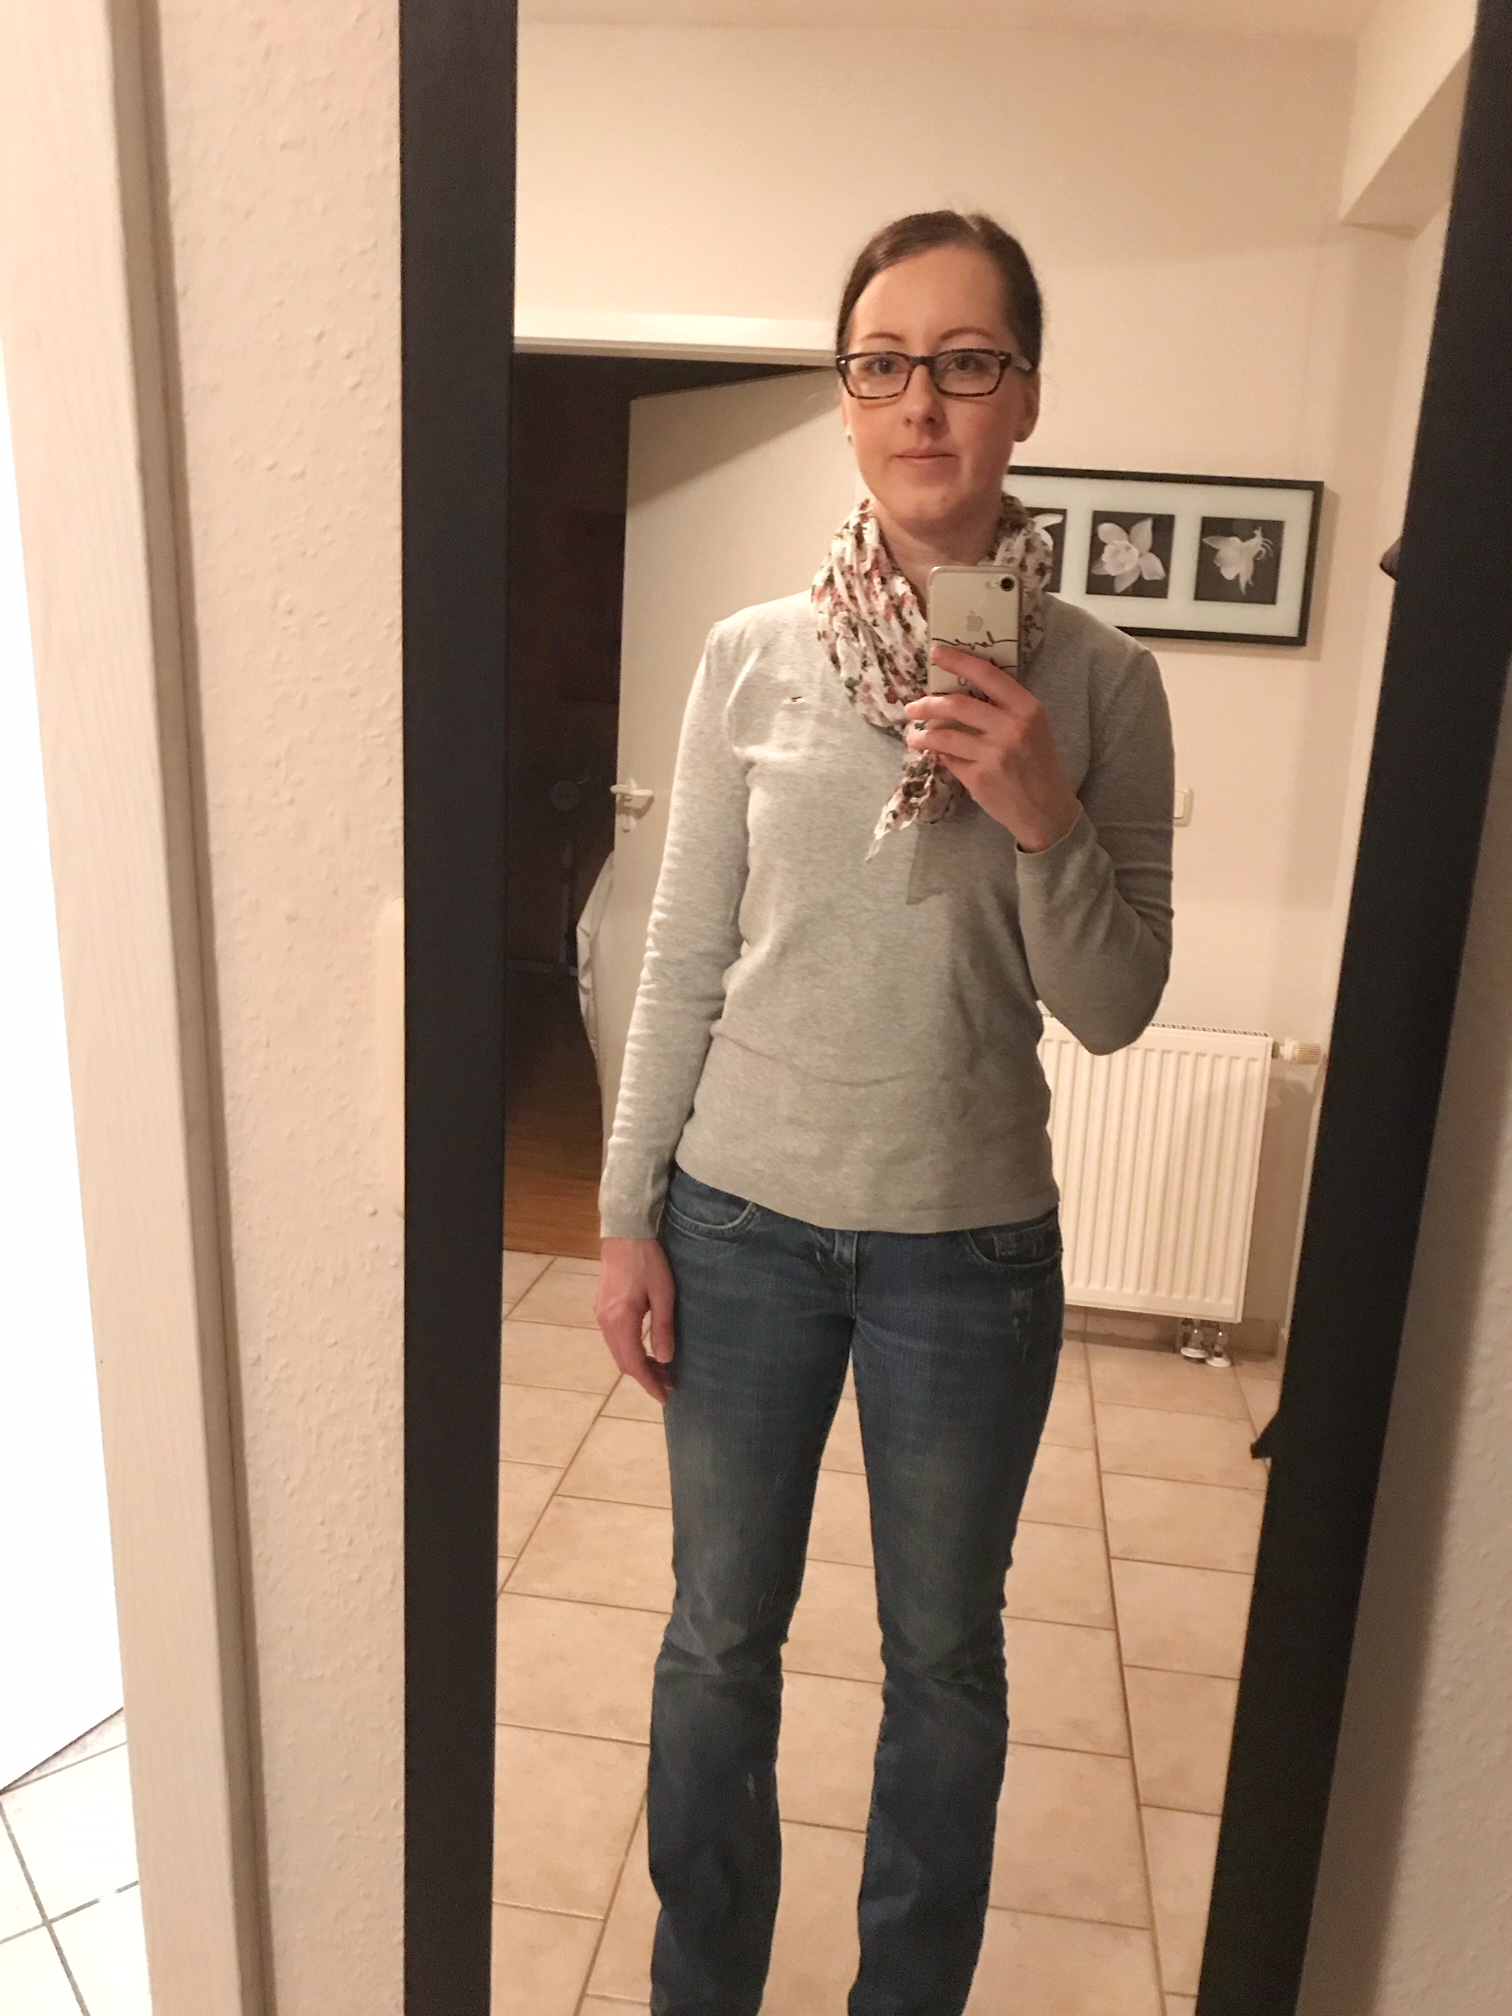 Kleiderschrank- Experiment: Woche 1 und 2_Dienstag 13.Februar